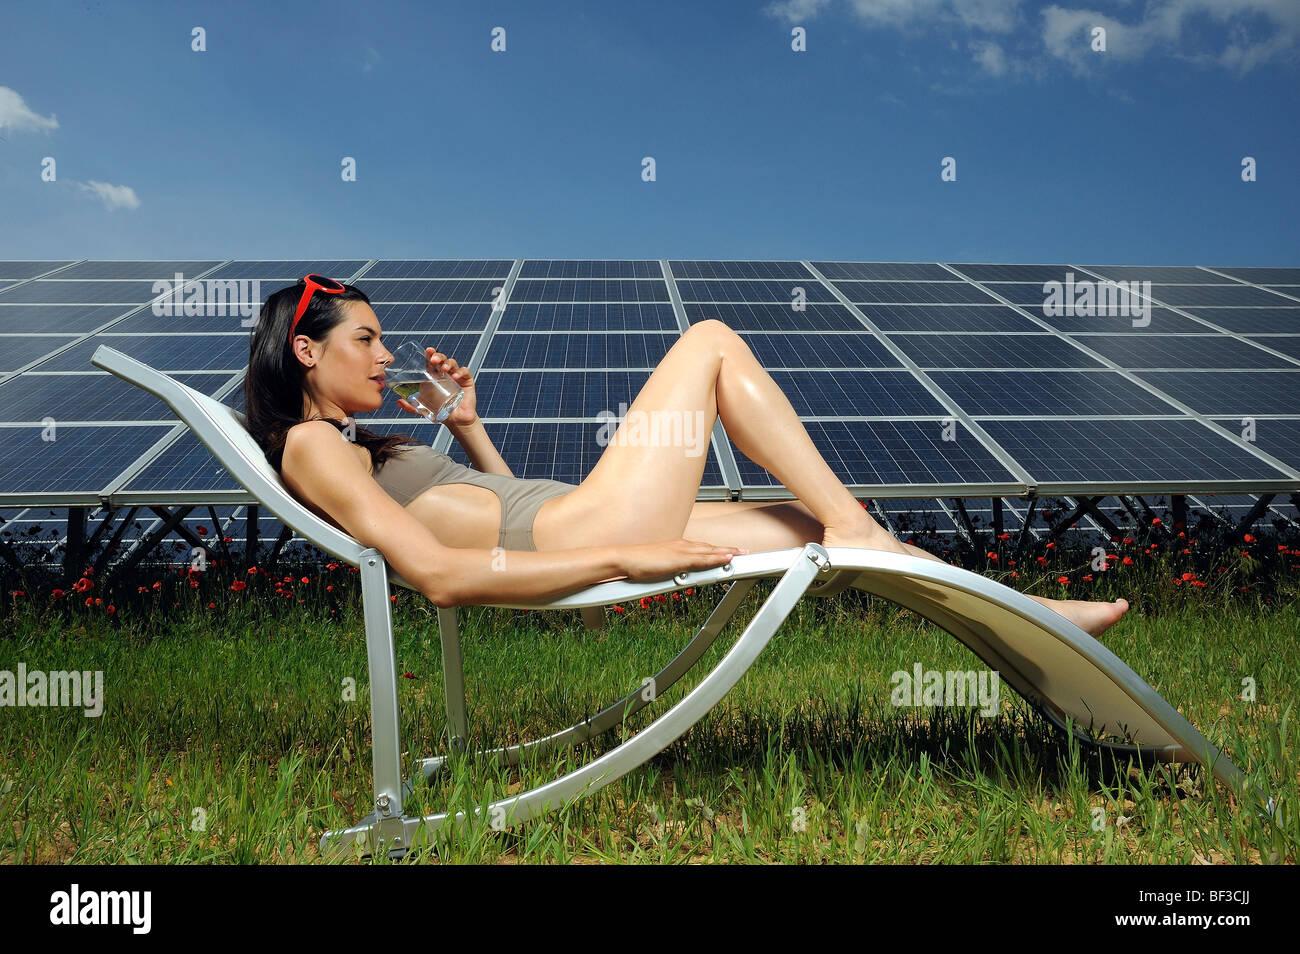 La donna a prendere il sole nella parte anteriore del pannello solare Immagini Stock